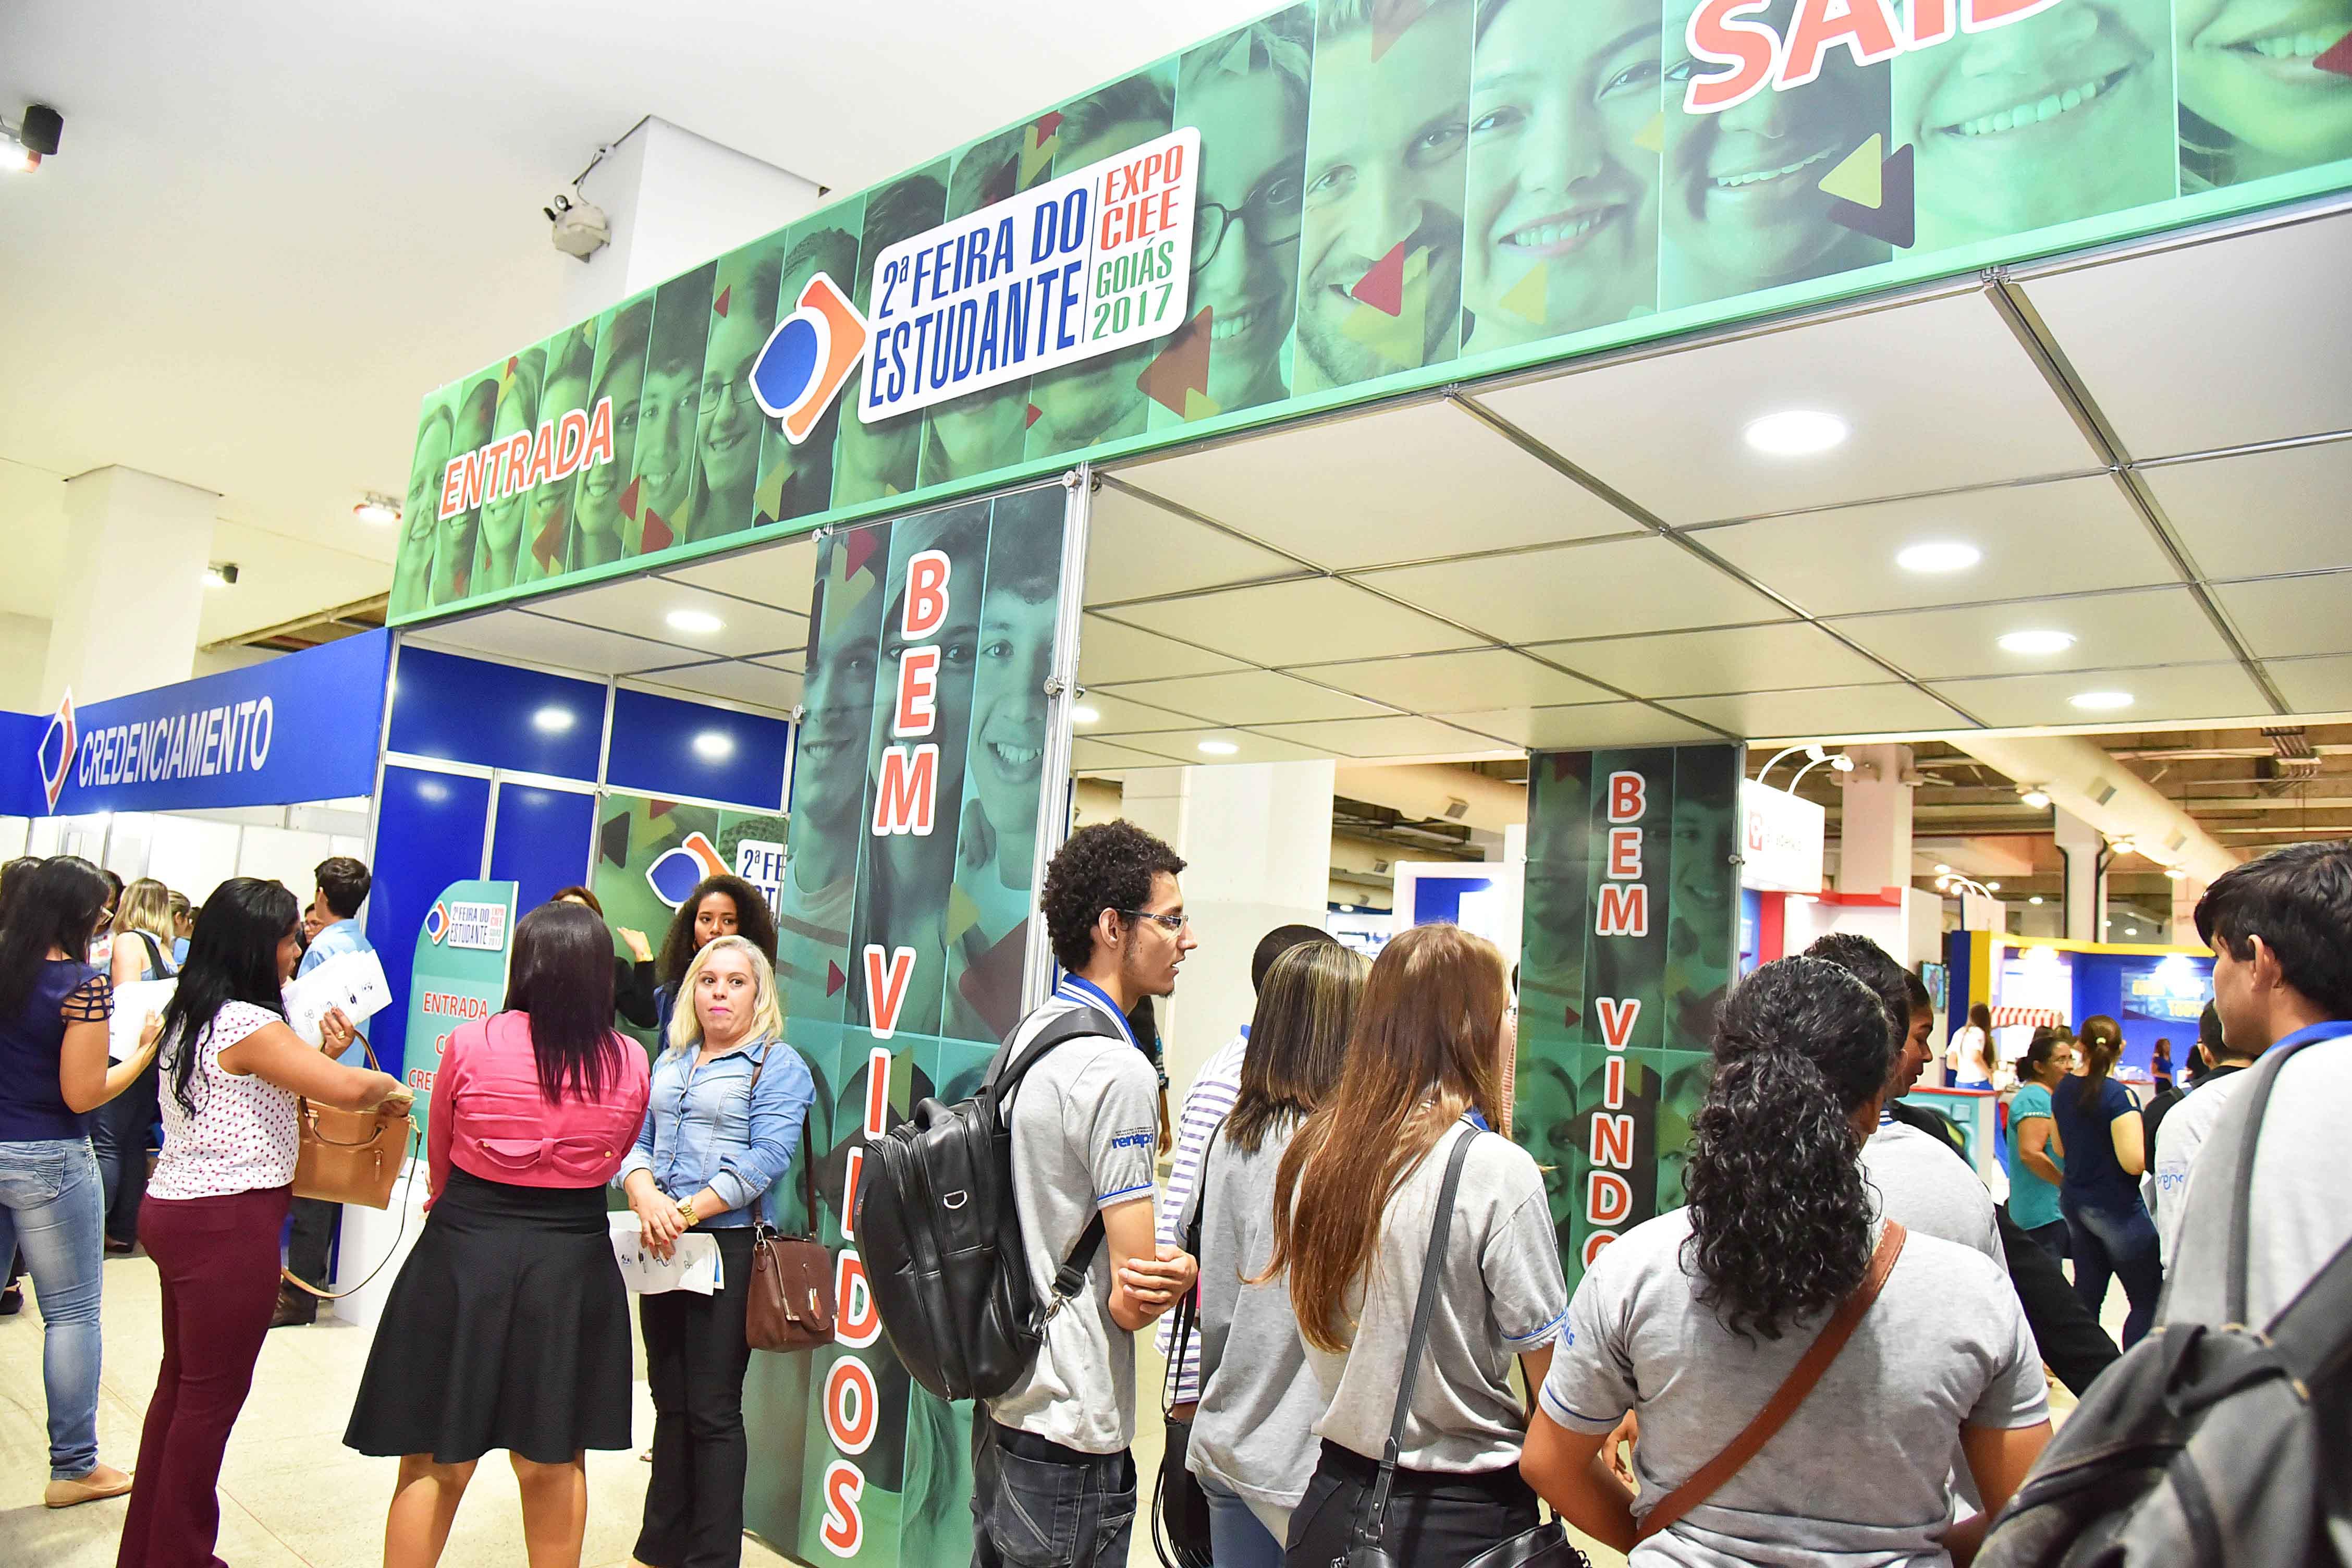 3ª Feira do Estudante – Expo CIEE Goiás 2018 começa nesta terça-feira, 9, com 2 mil vagas de estágio | Foto: Divulgação